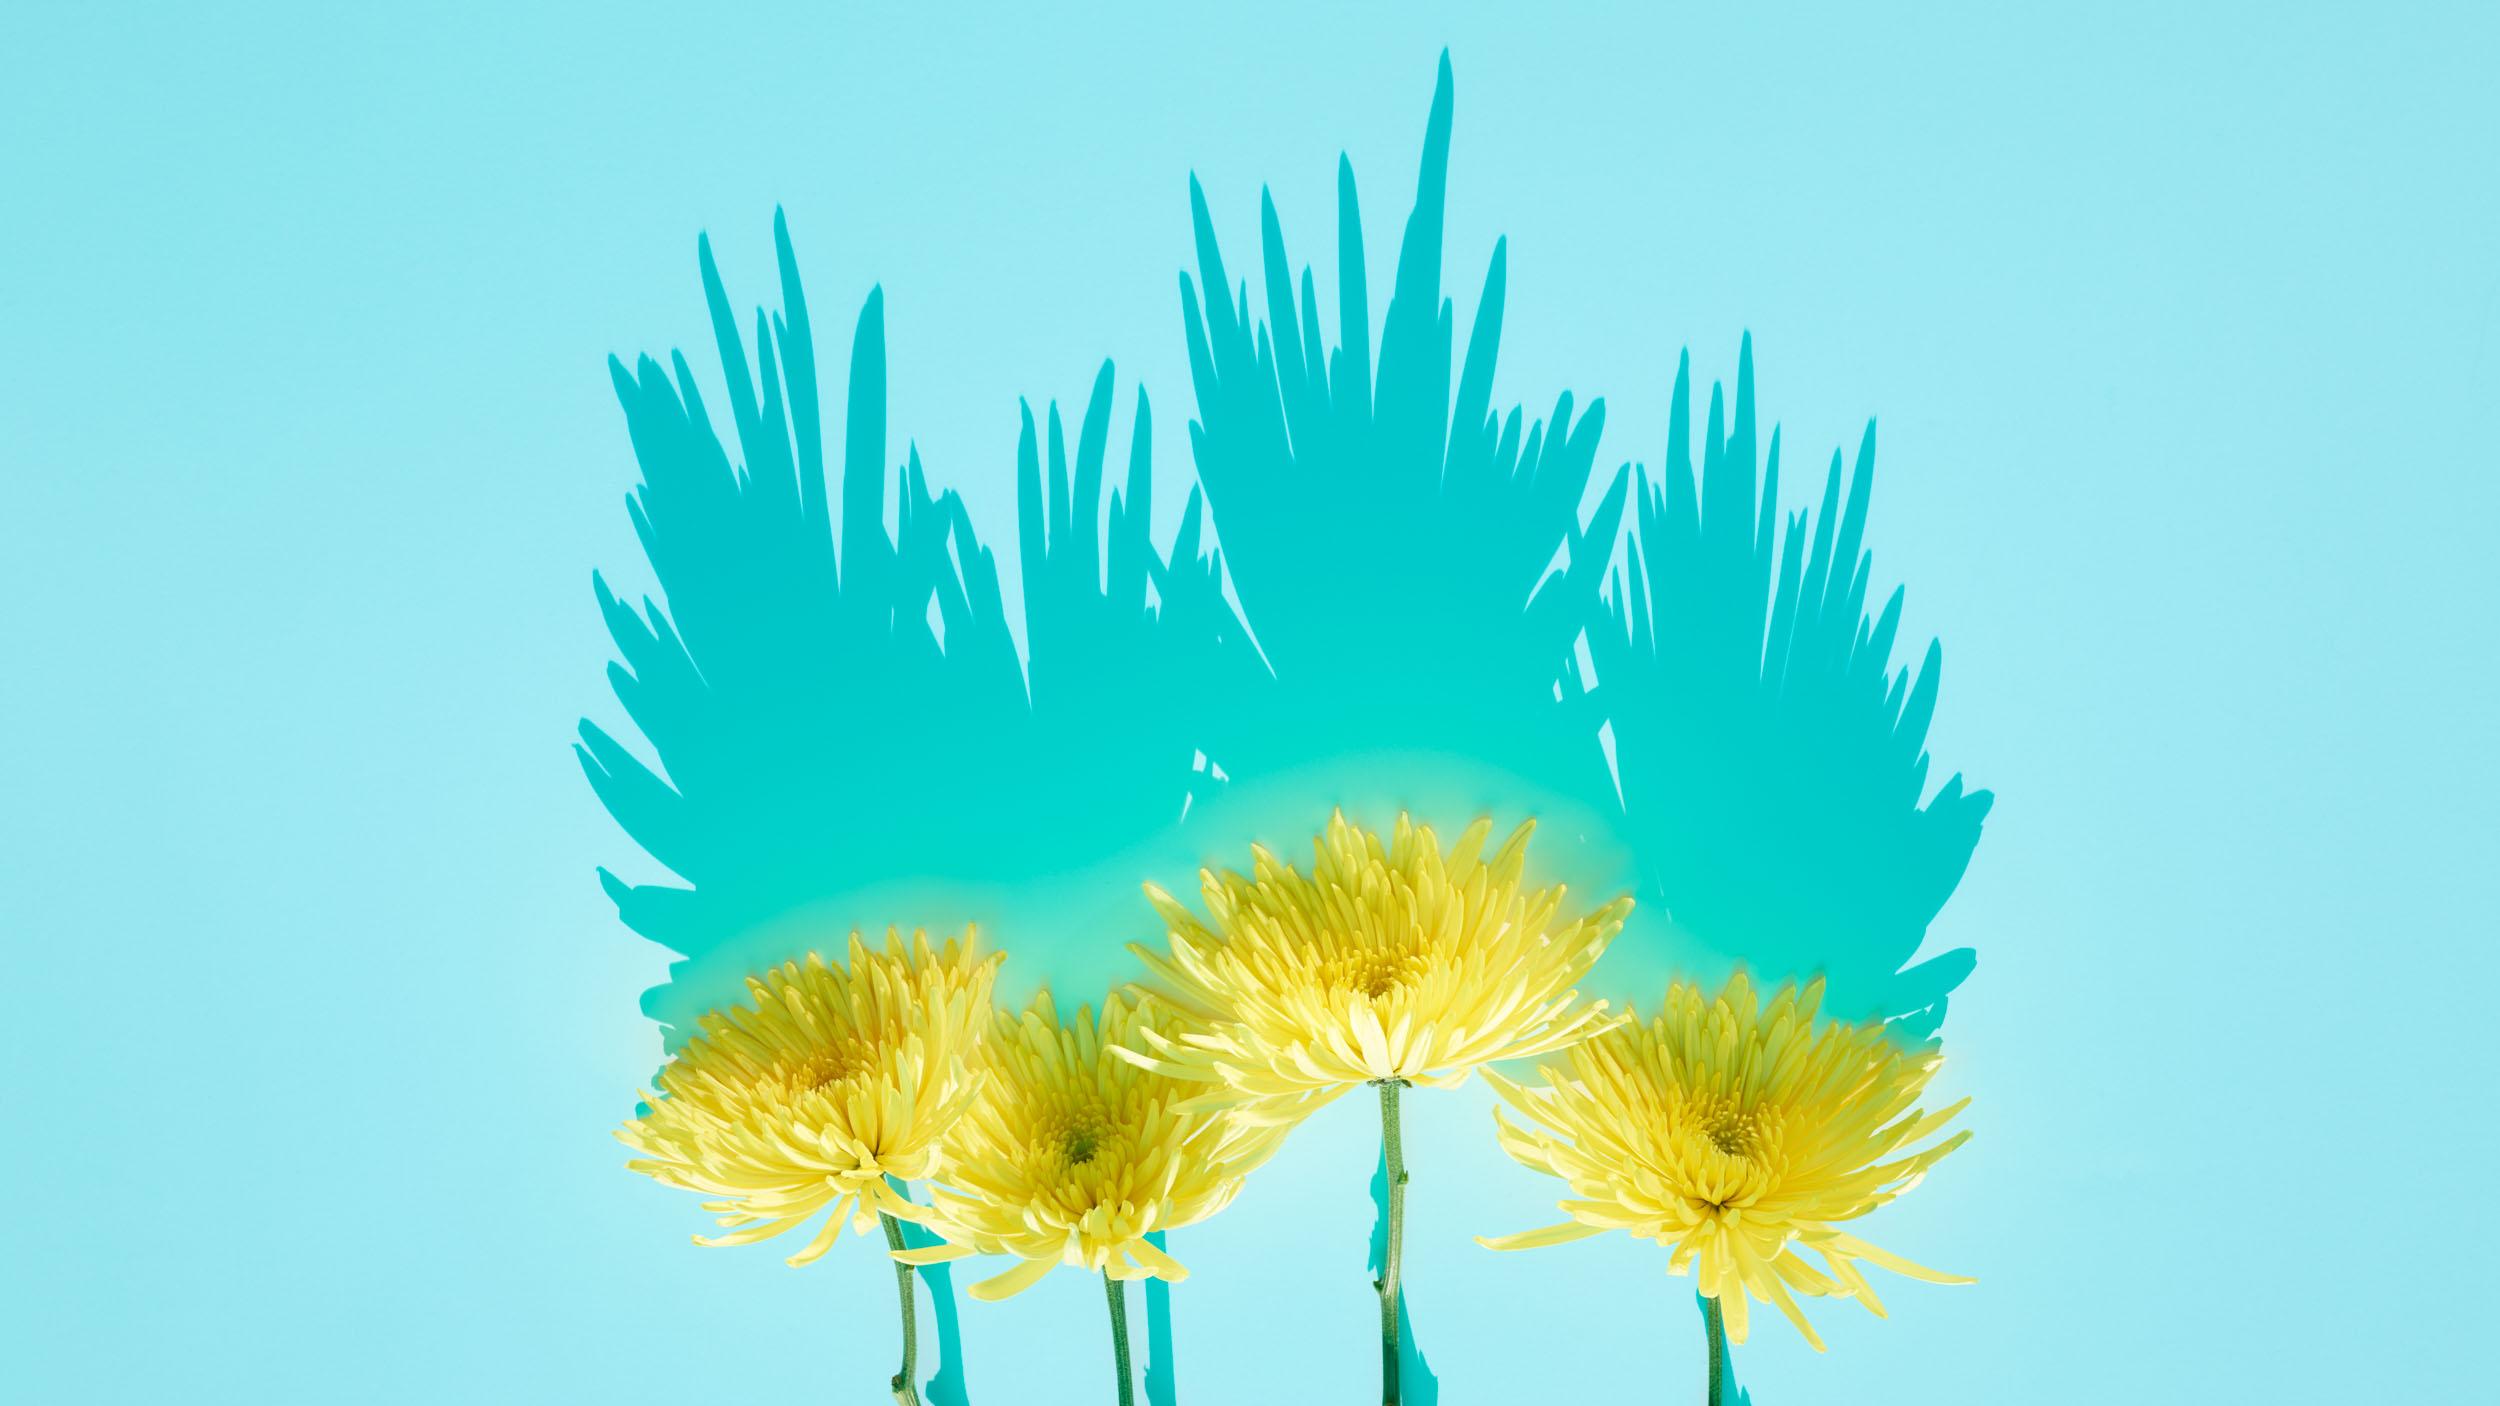 170908_FlowerPeak_2299_c32261-PB-3.jpg